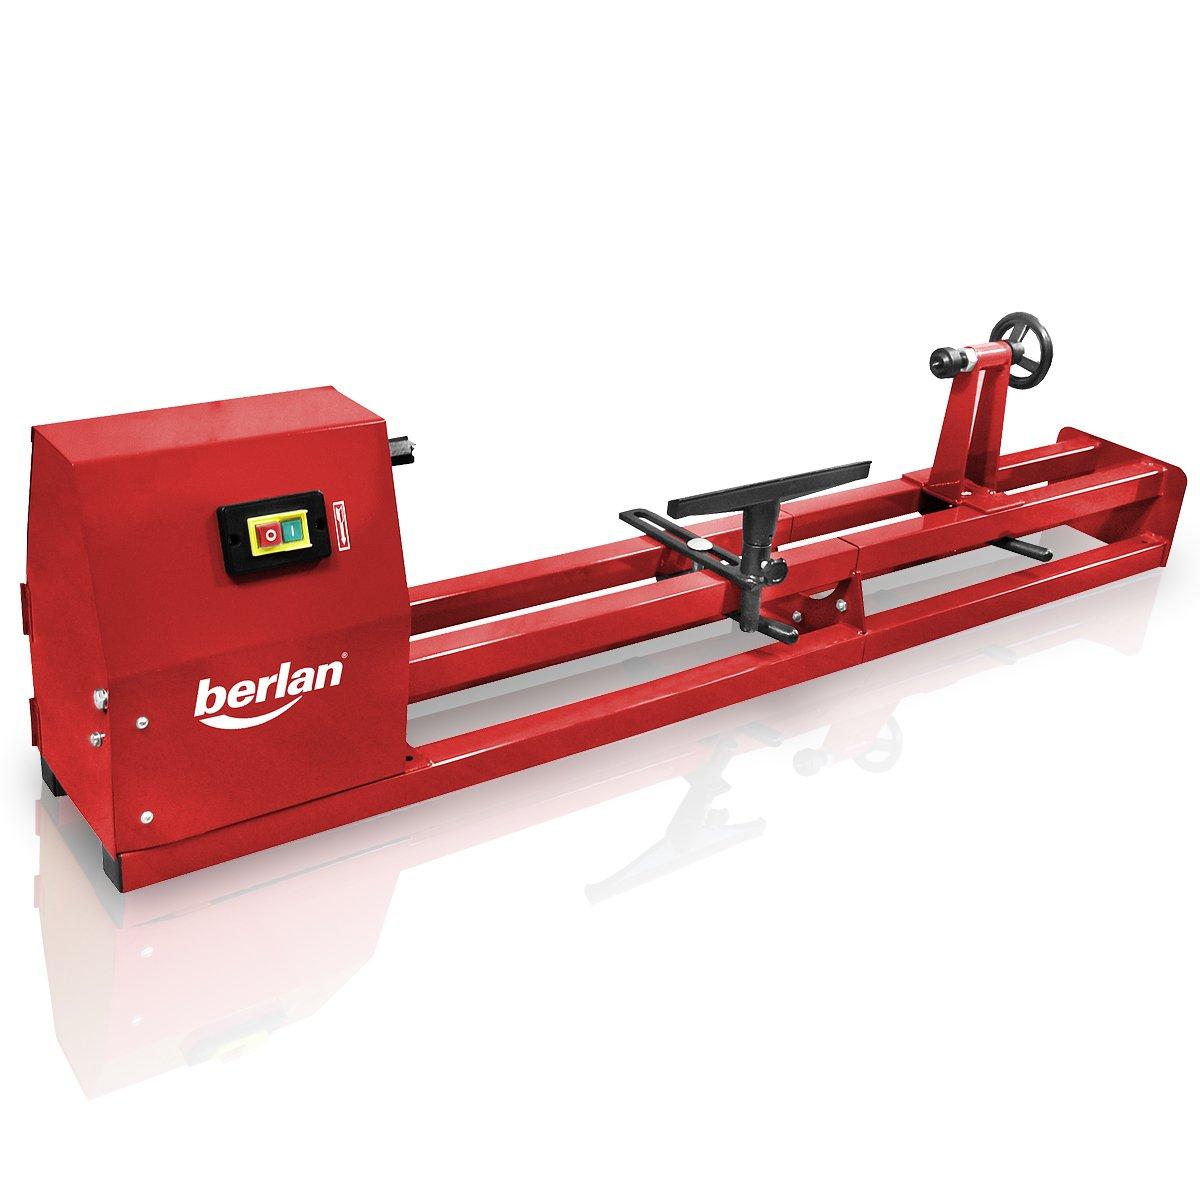 350 Watt Holzdrehbank  1000 mm  BaumarktKundenbewertung und Beschreibung